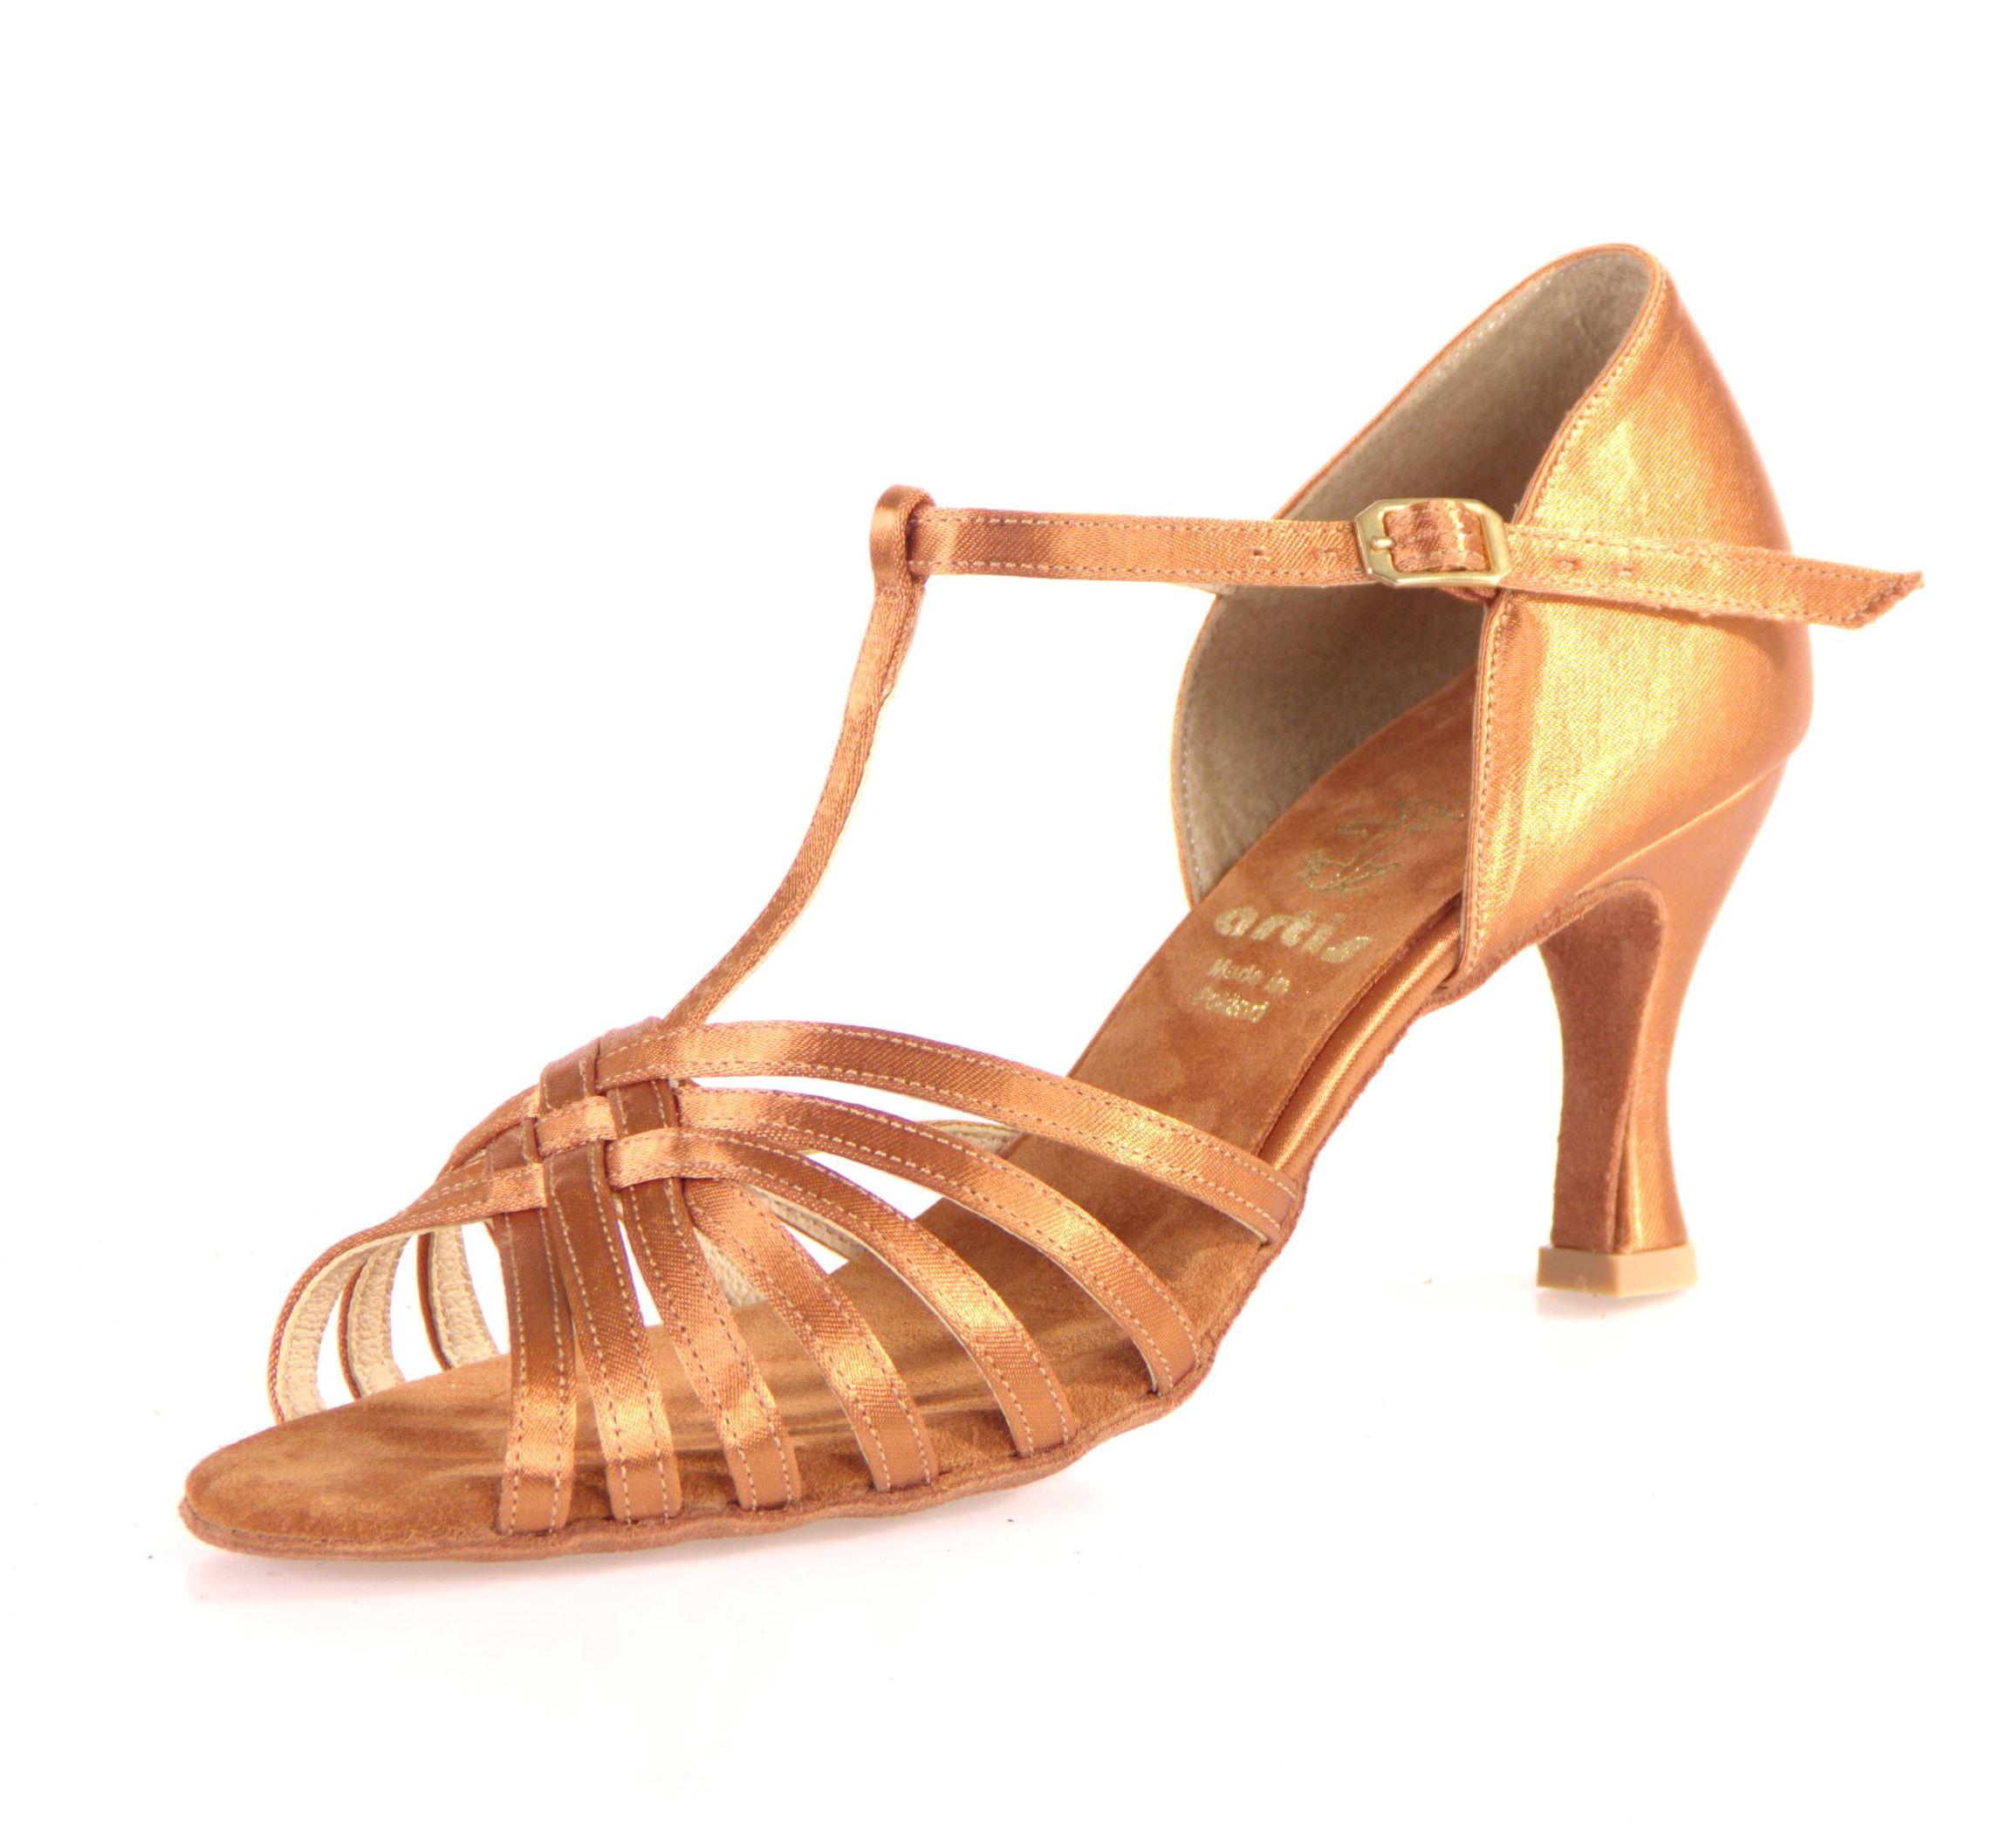 Dámske tanečné topánky ARTIS - DL-23S telova 7 cm Flare empty cd3a9a4f28d